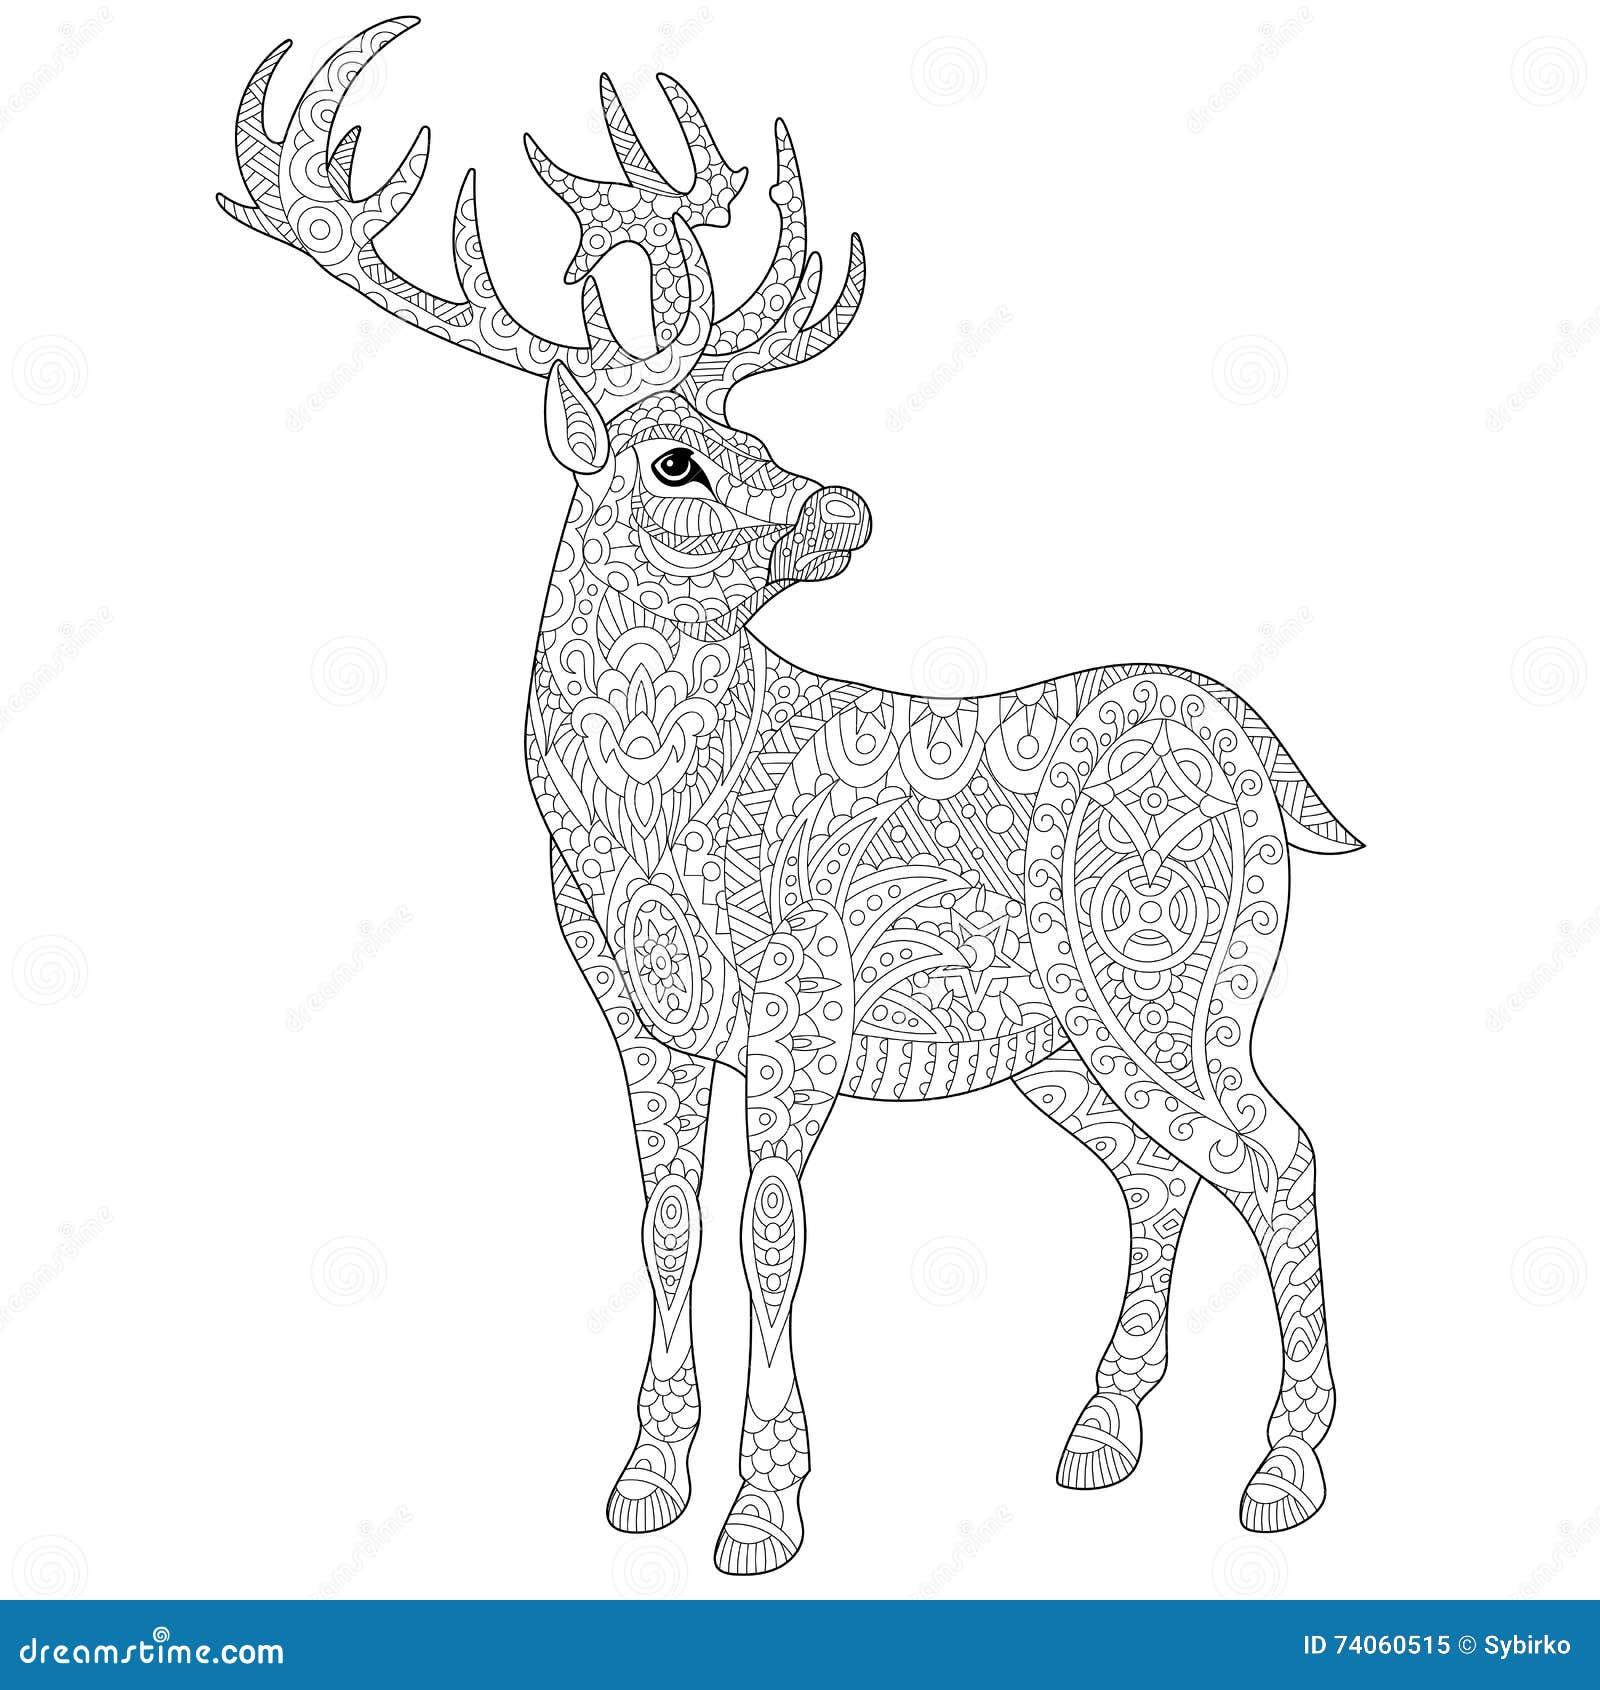 Volwassen Kleurplaat Hert Zentangle Stylized Deer Stock Vector Illustration Of